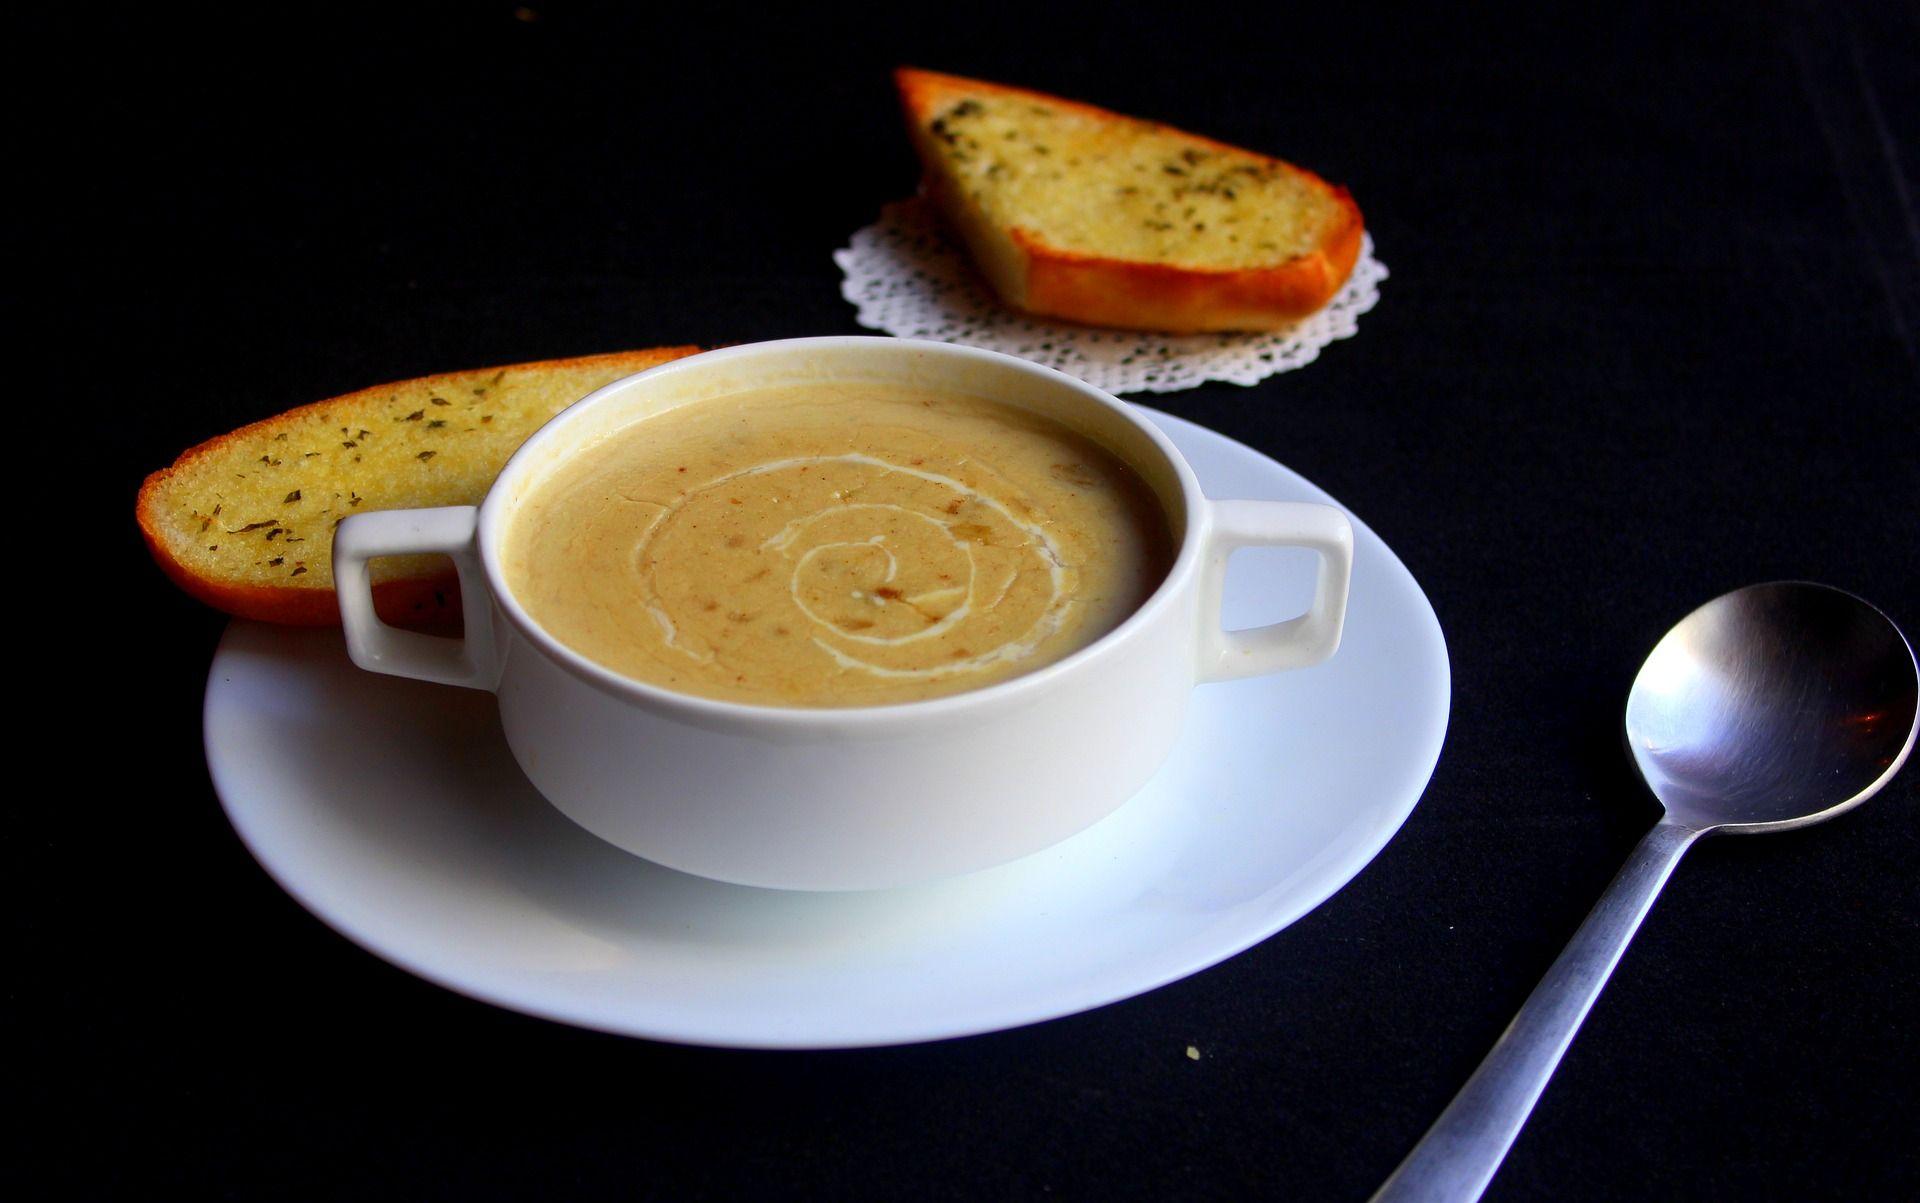 Soep met brood